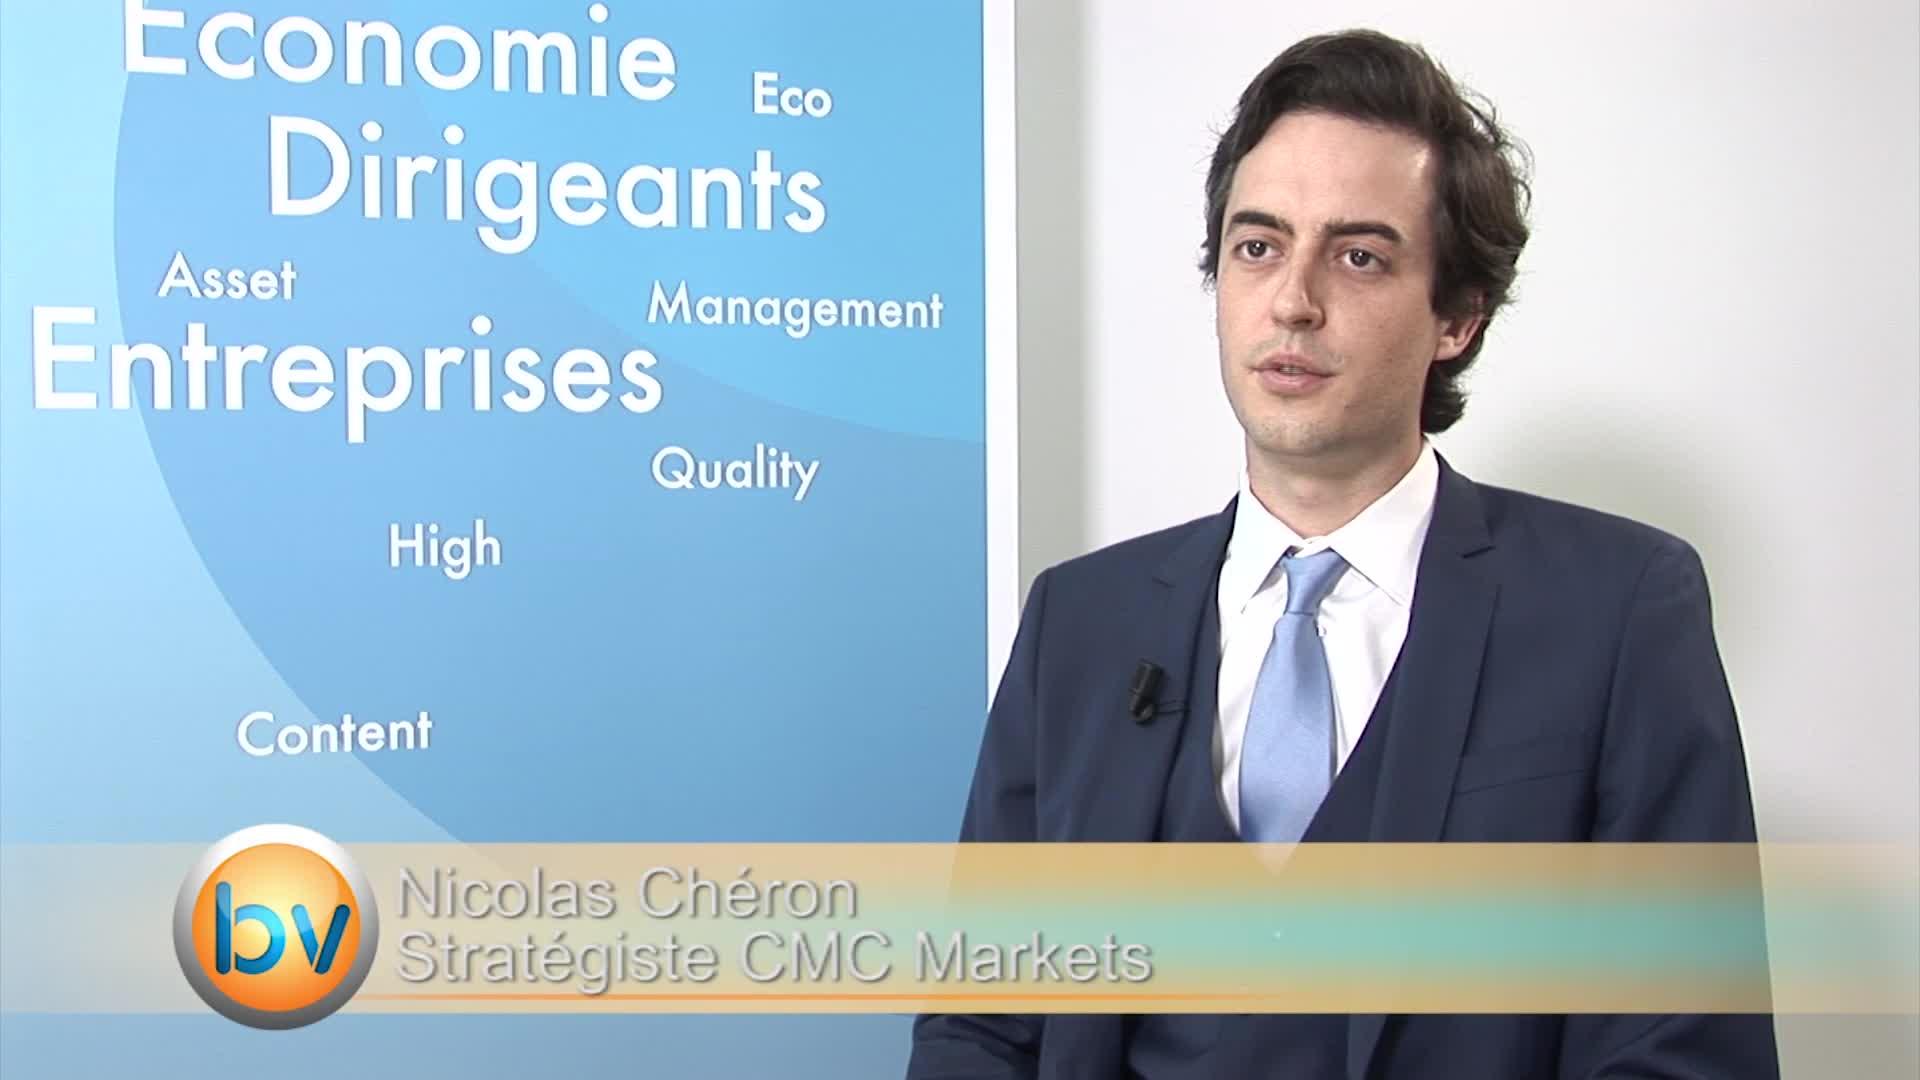 """Nicolas Chéron Stratégiste CMC Markets : """"L'or n'est absolument pas refuge en ce moment"""""""